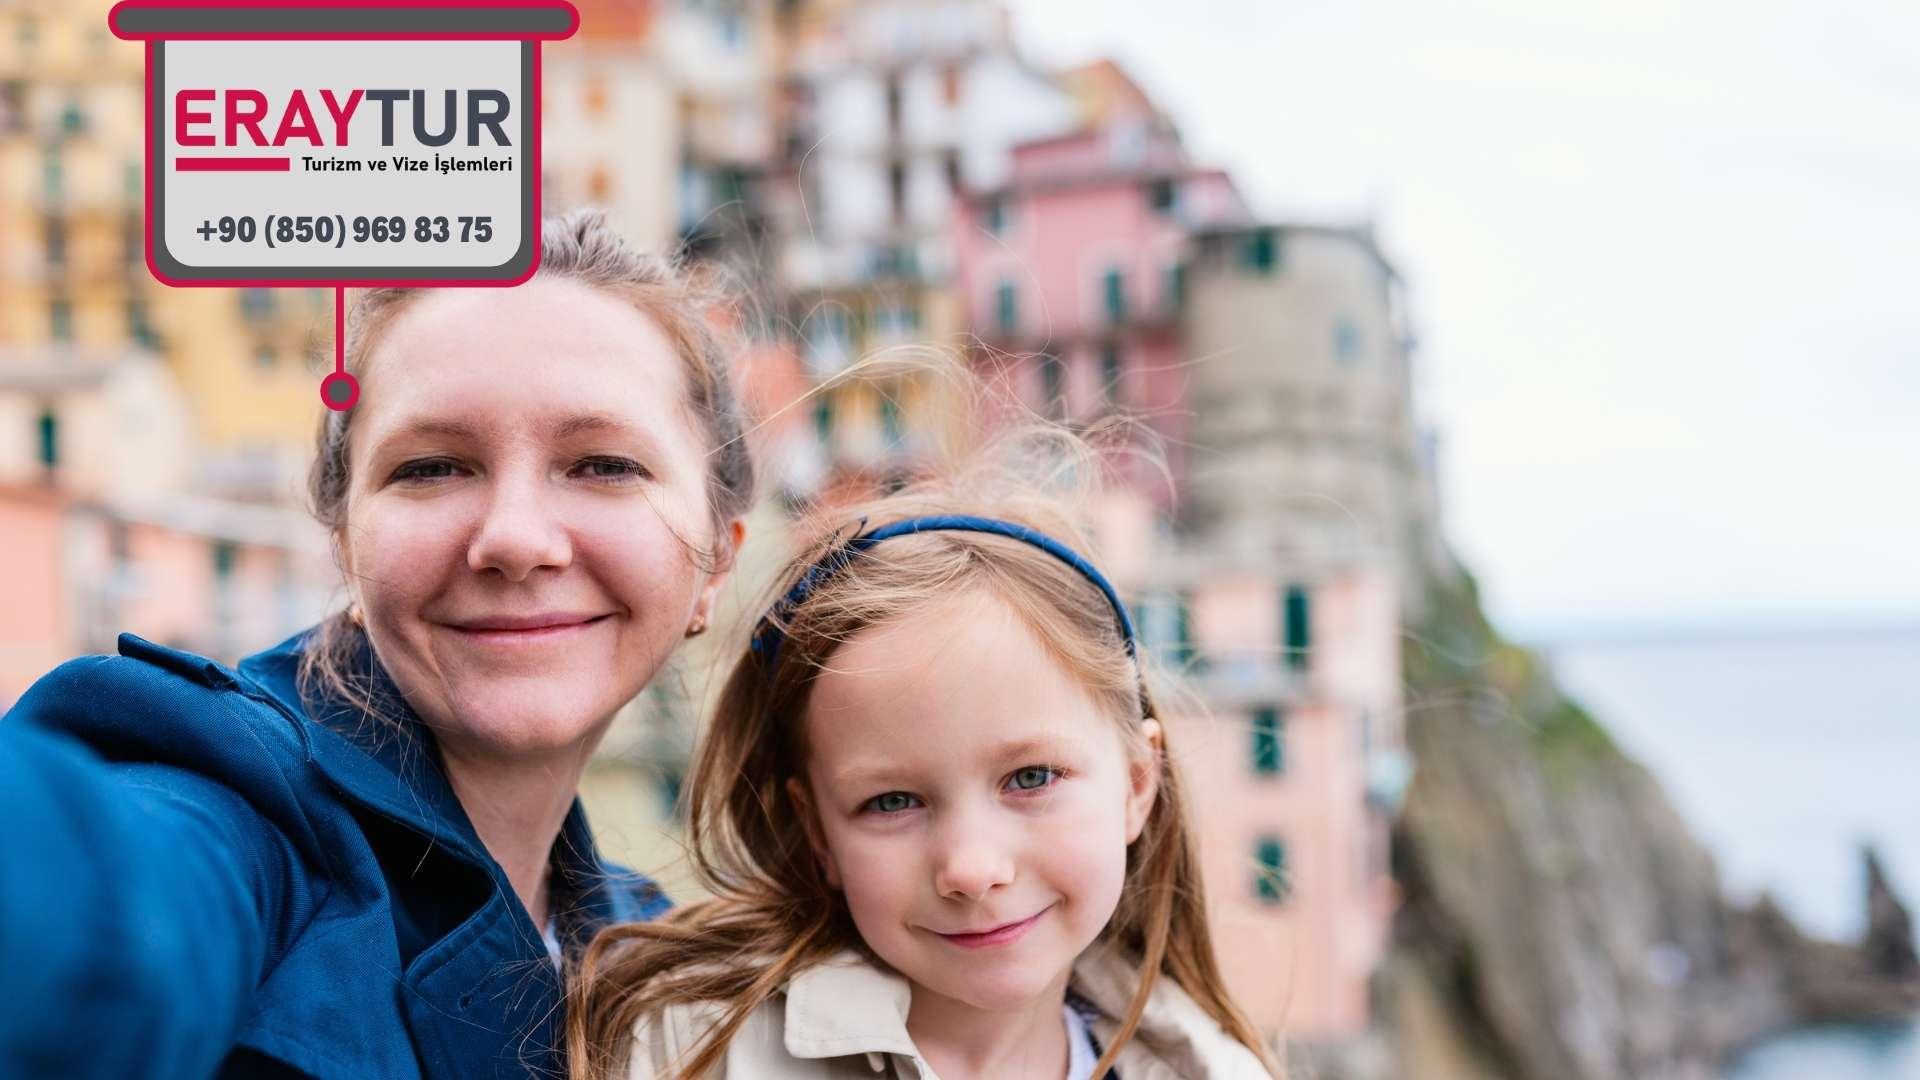 İtalya Aile Ziyareti Davetiye Örneği